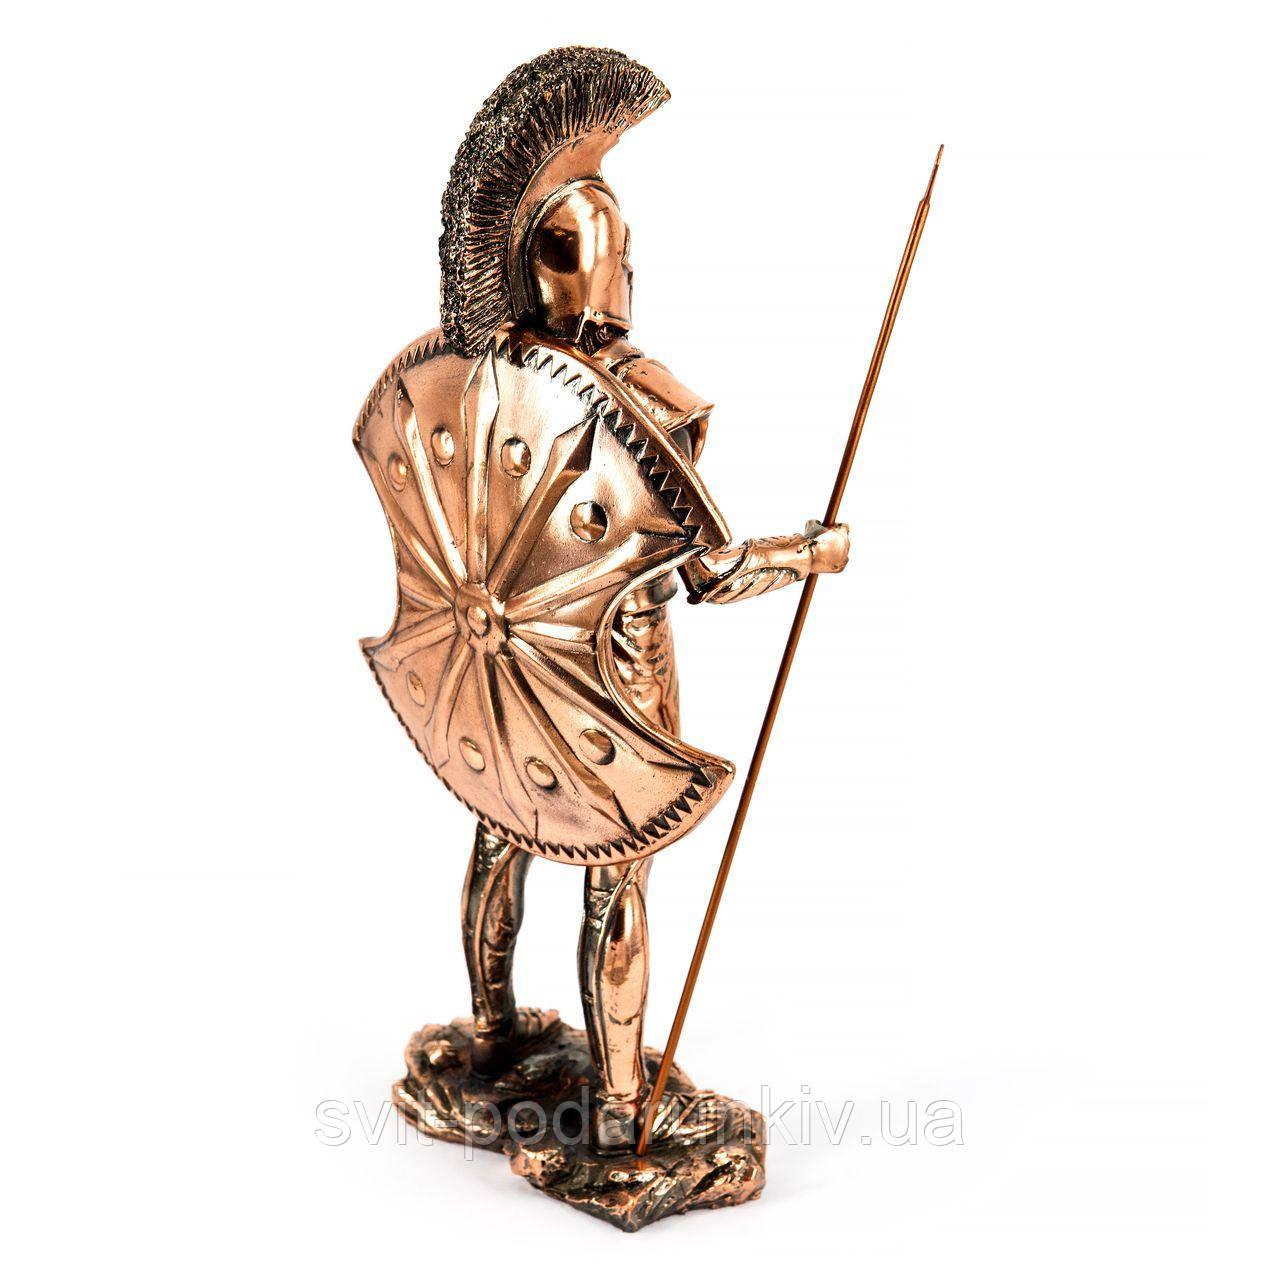 Статуэтка спартанского воина